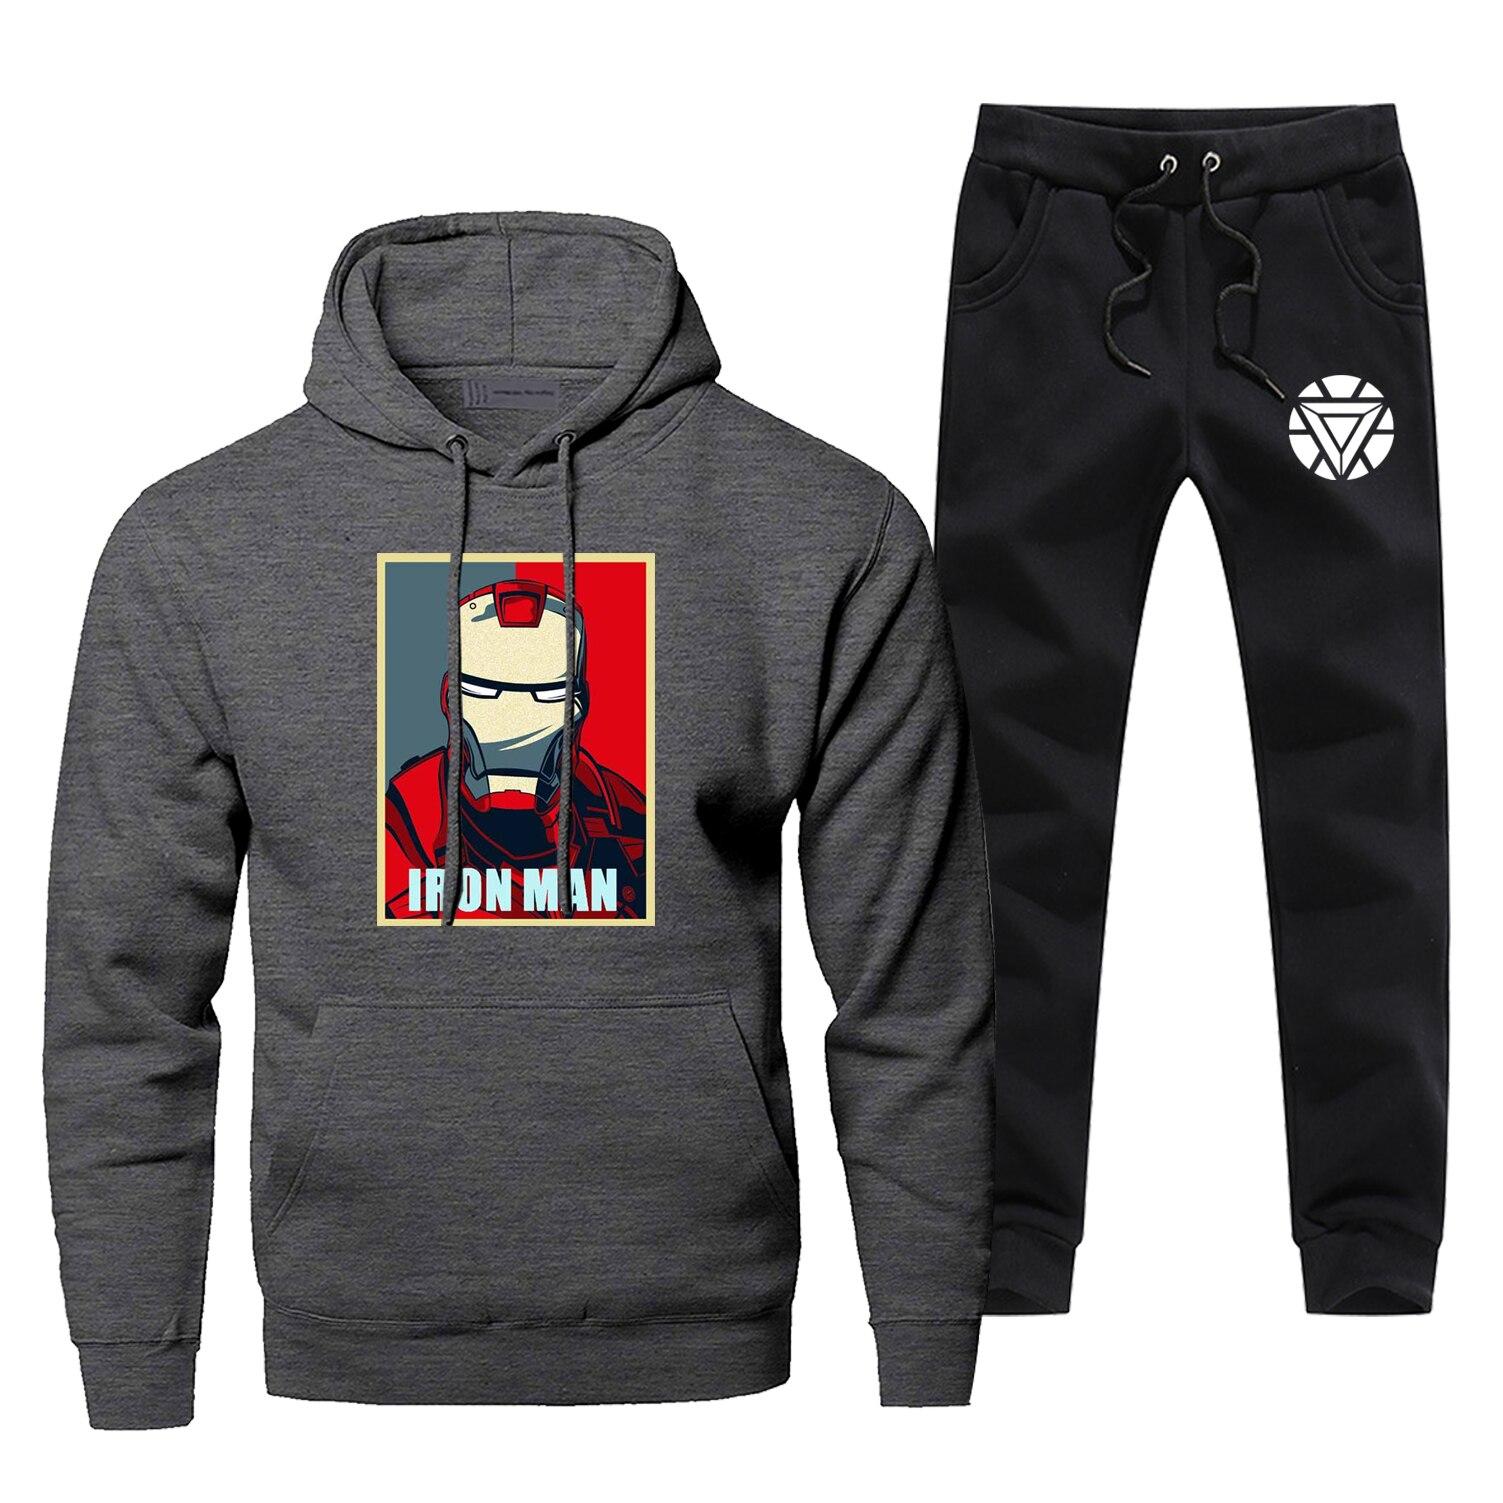 Tony Stark Iron Man Men Hoodies Sweatshirts Pants Sets Hooded Hoodie Suit 2 PCS Hoody Pant Sweatshirt Superhero Pullover Set